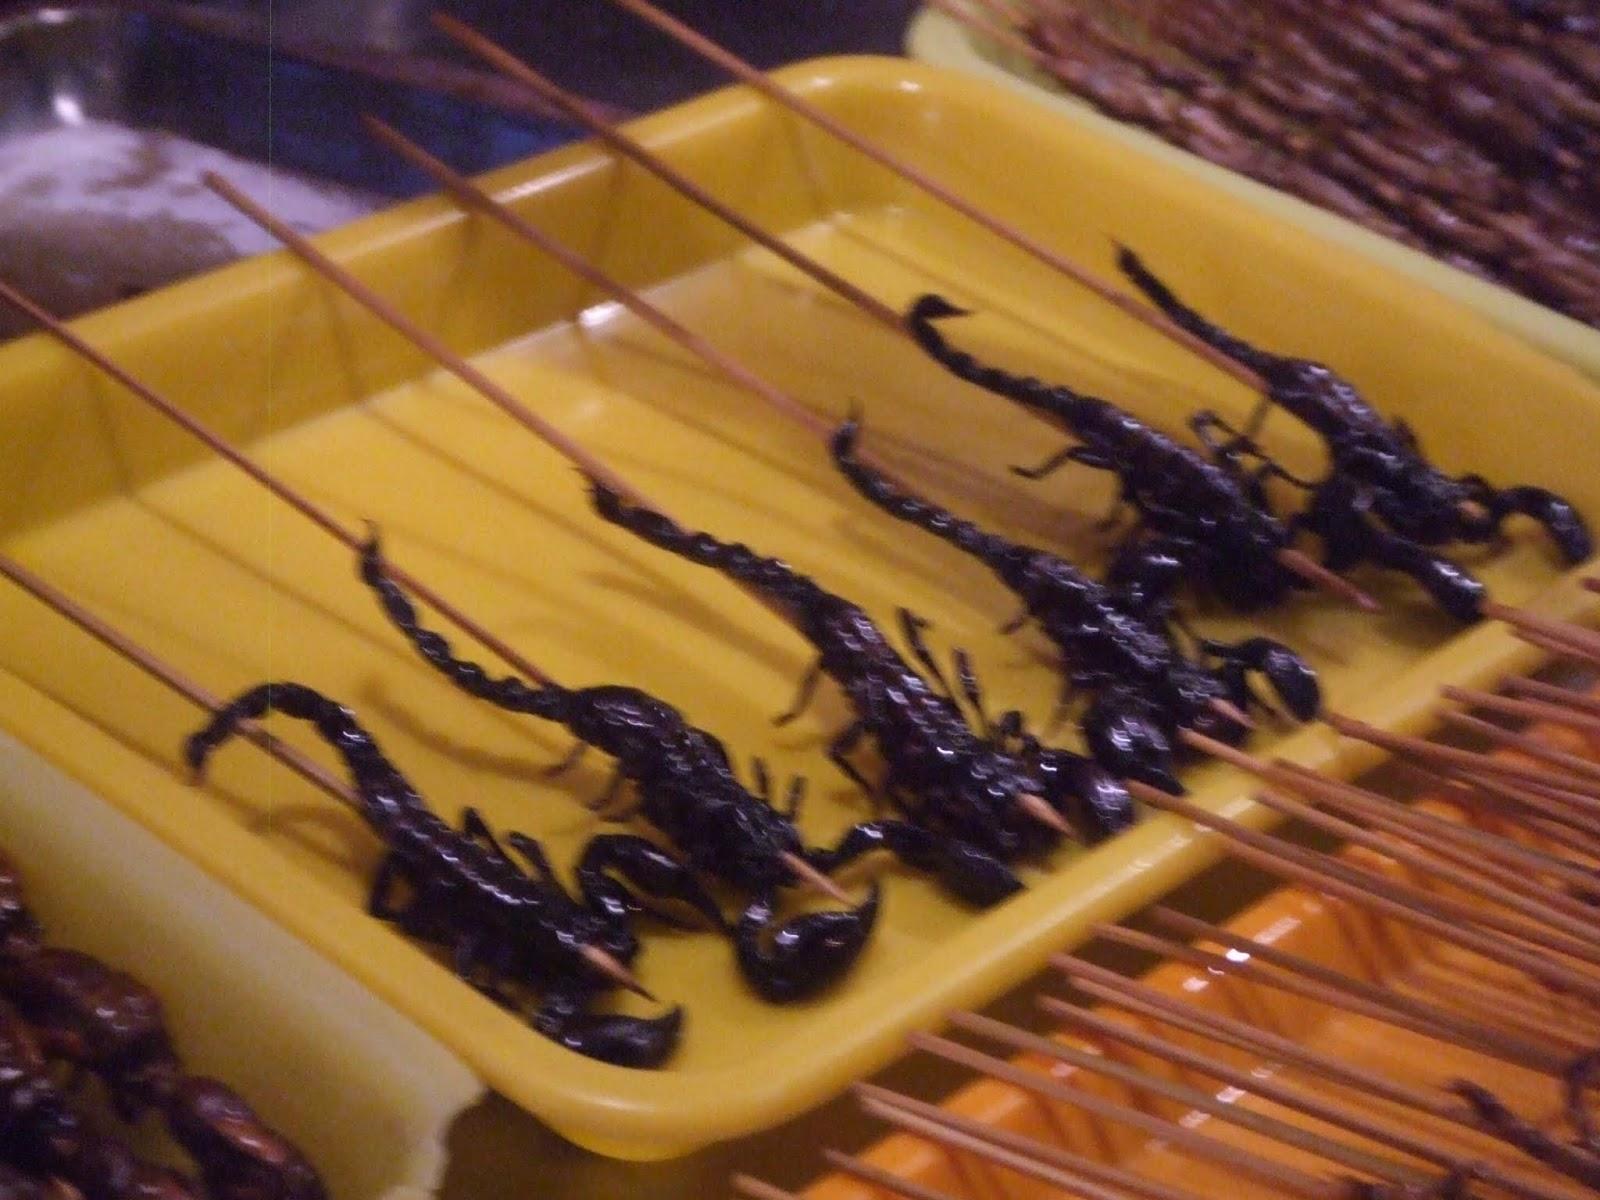 Skorpione am Spieß in gelber Wanne